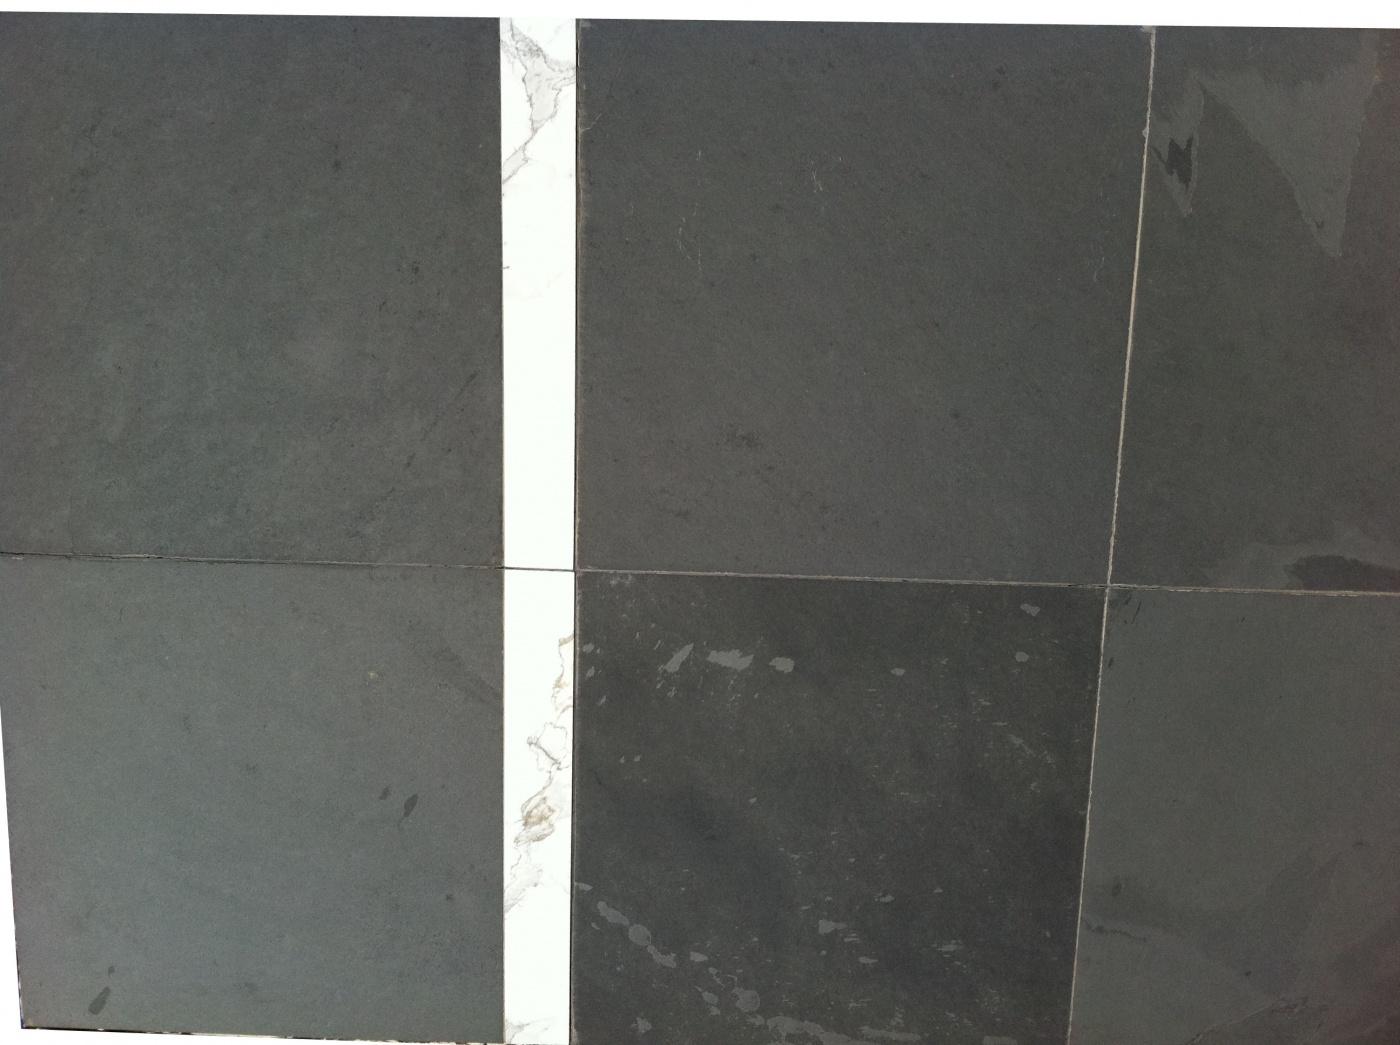 Dallage Ardoise noire clivée 60x60. Revêtement de sol moderne et intemporel.